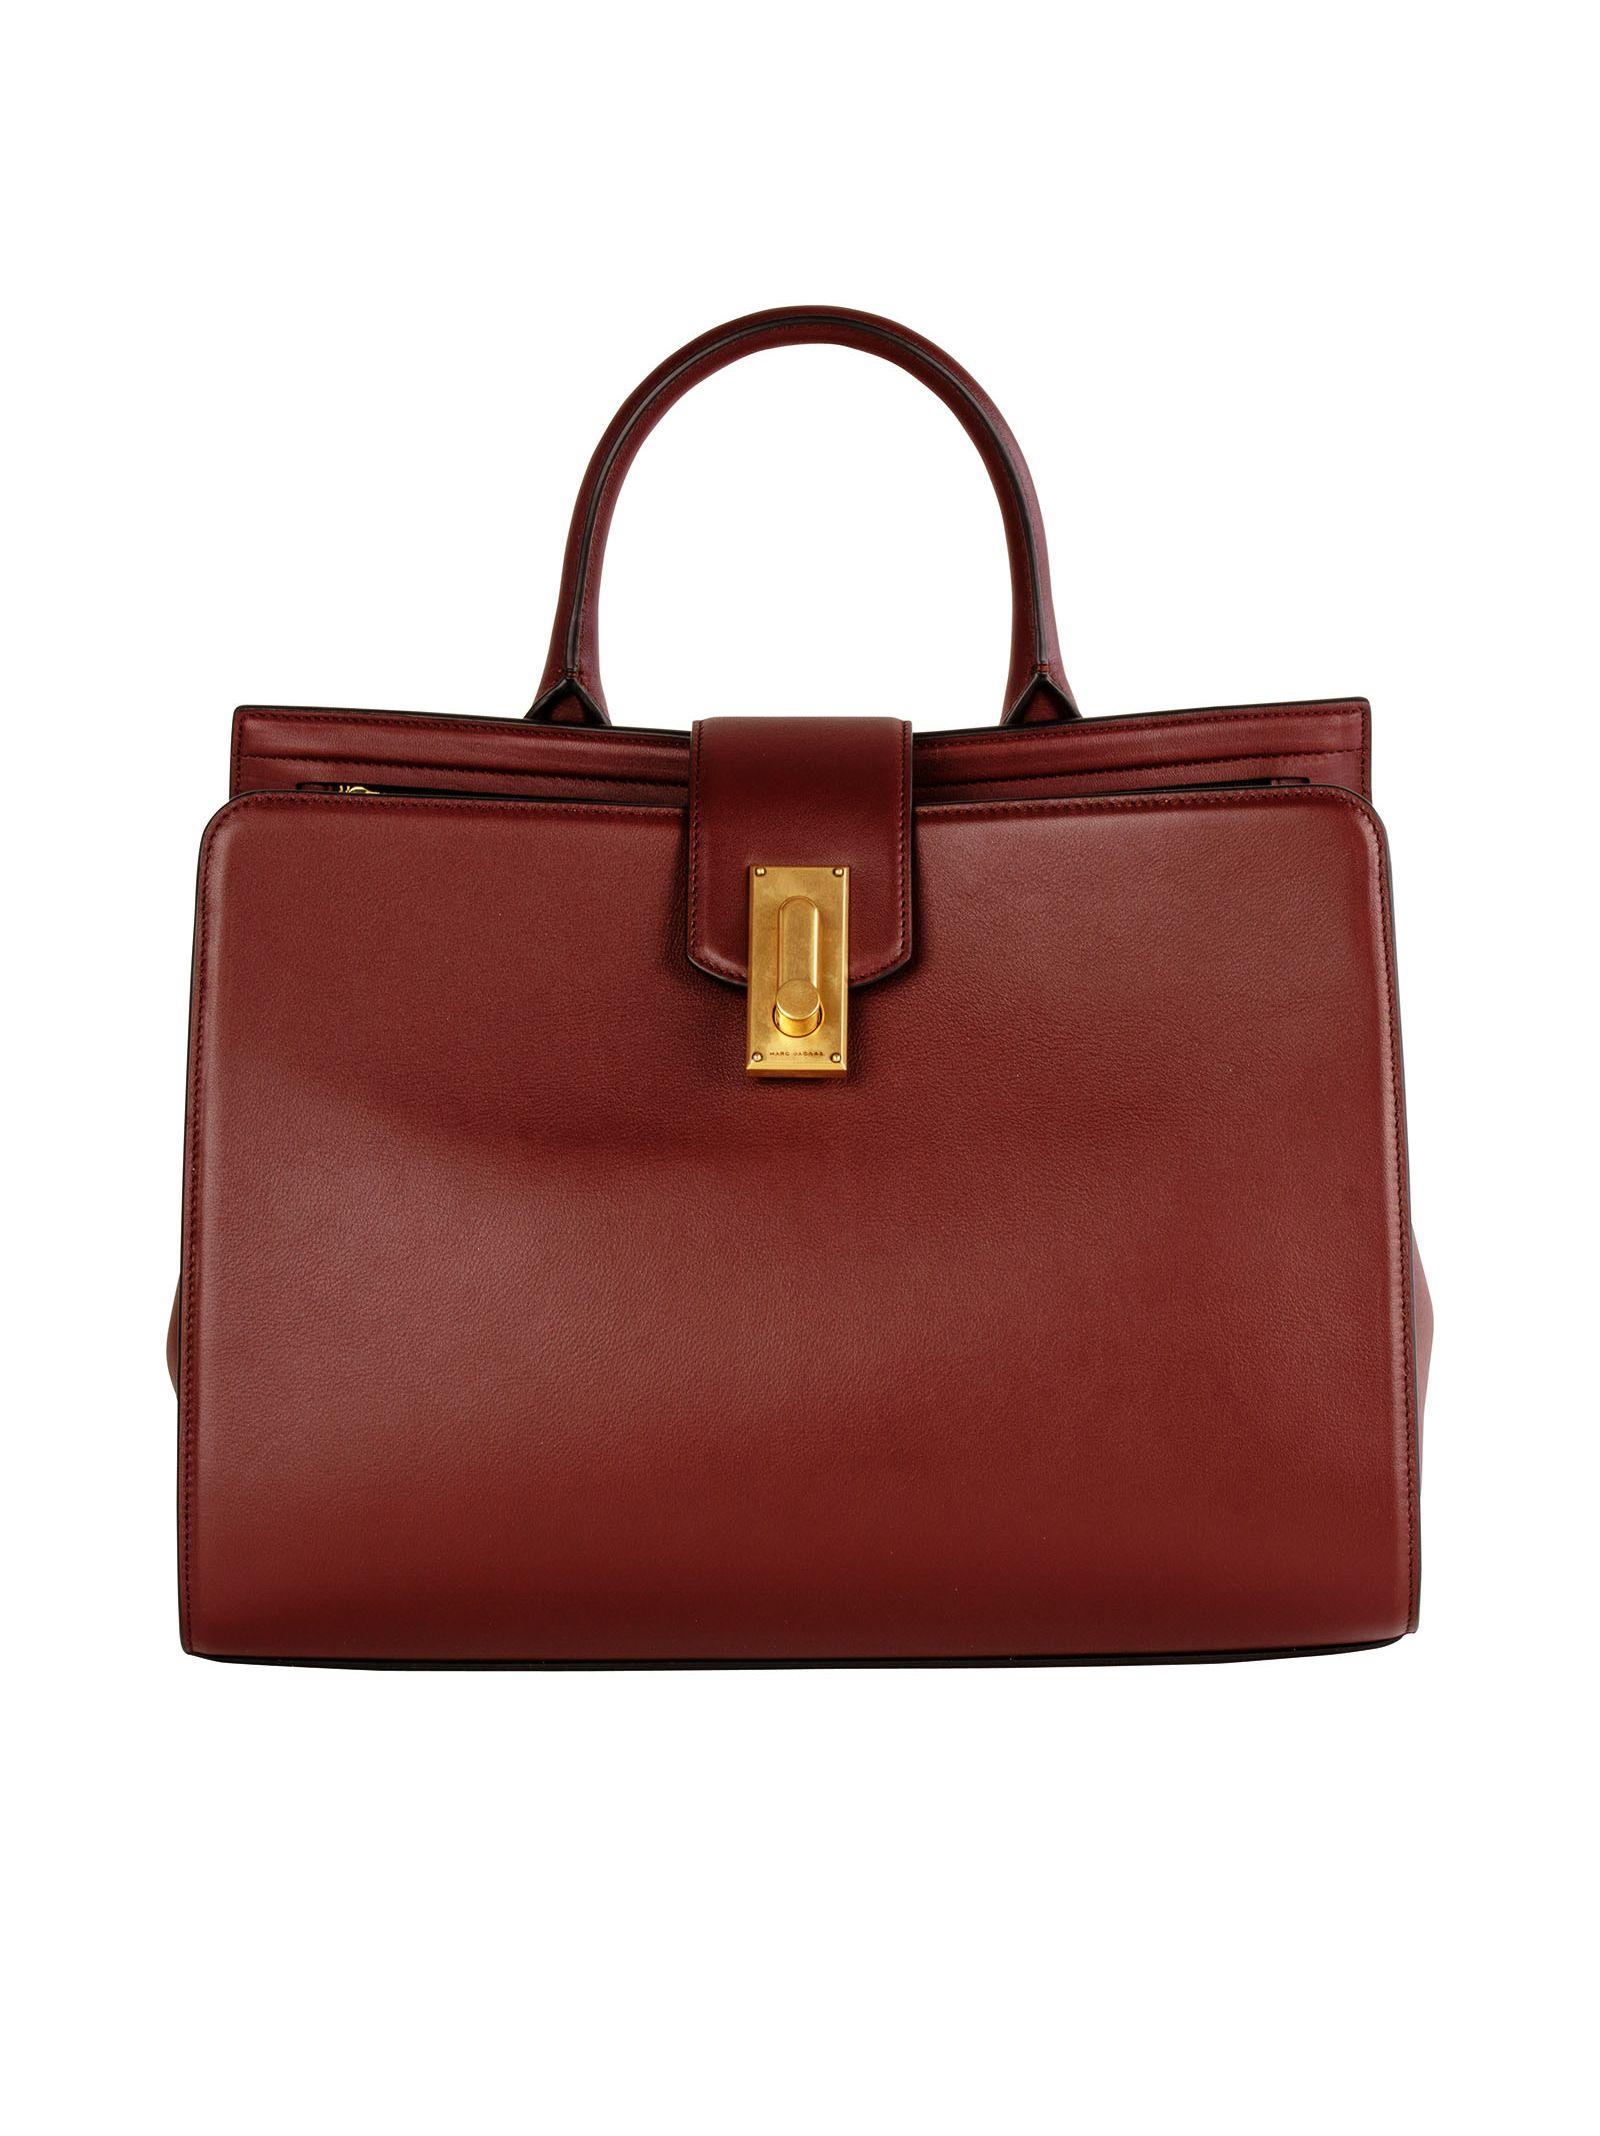 marc jacobs female 248826 shop onlin marc jacobs plum leather handle bag